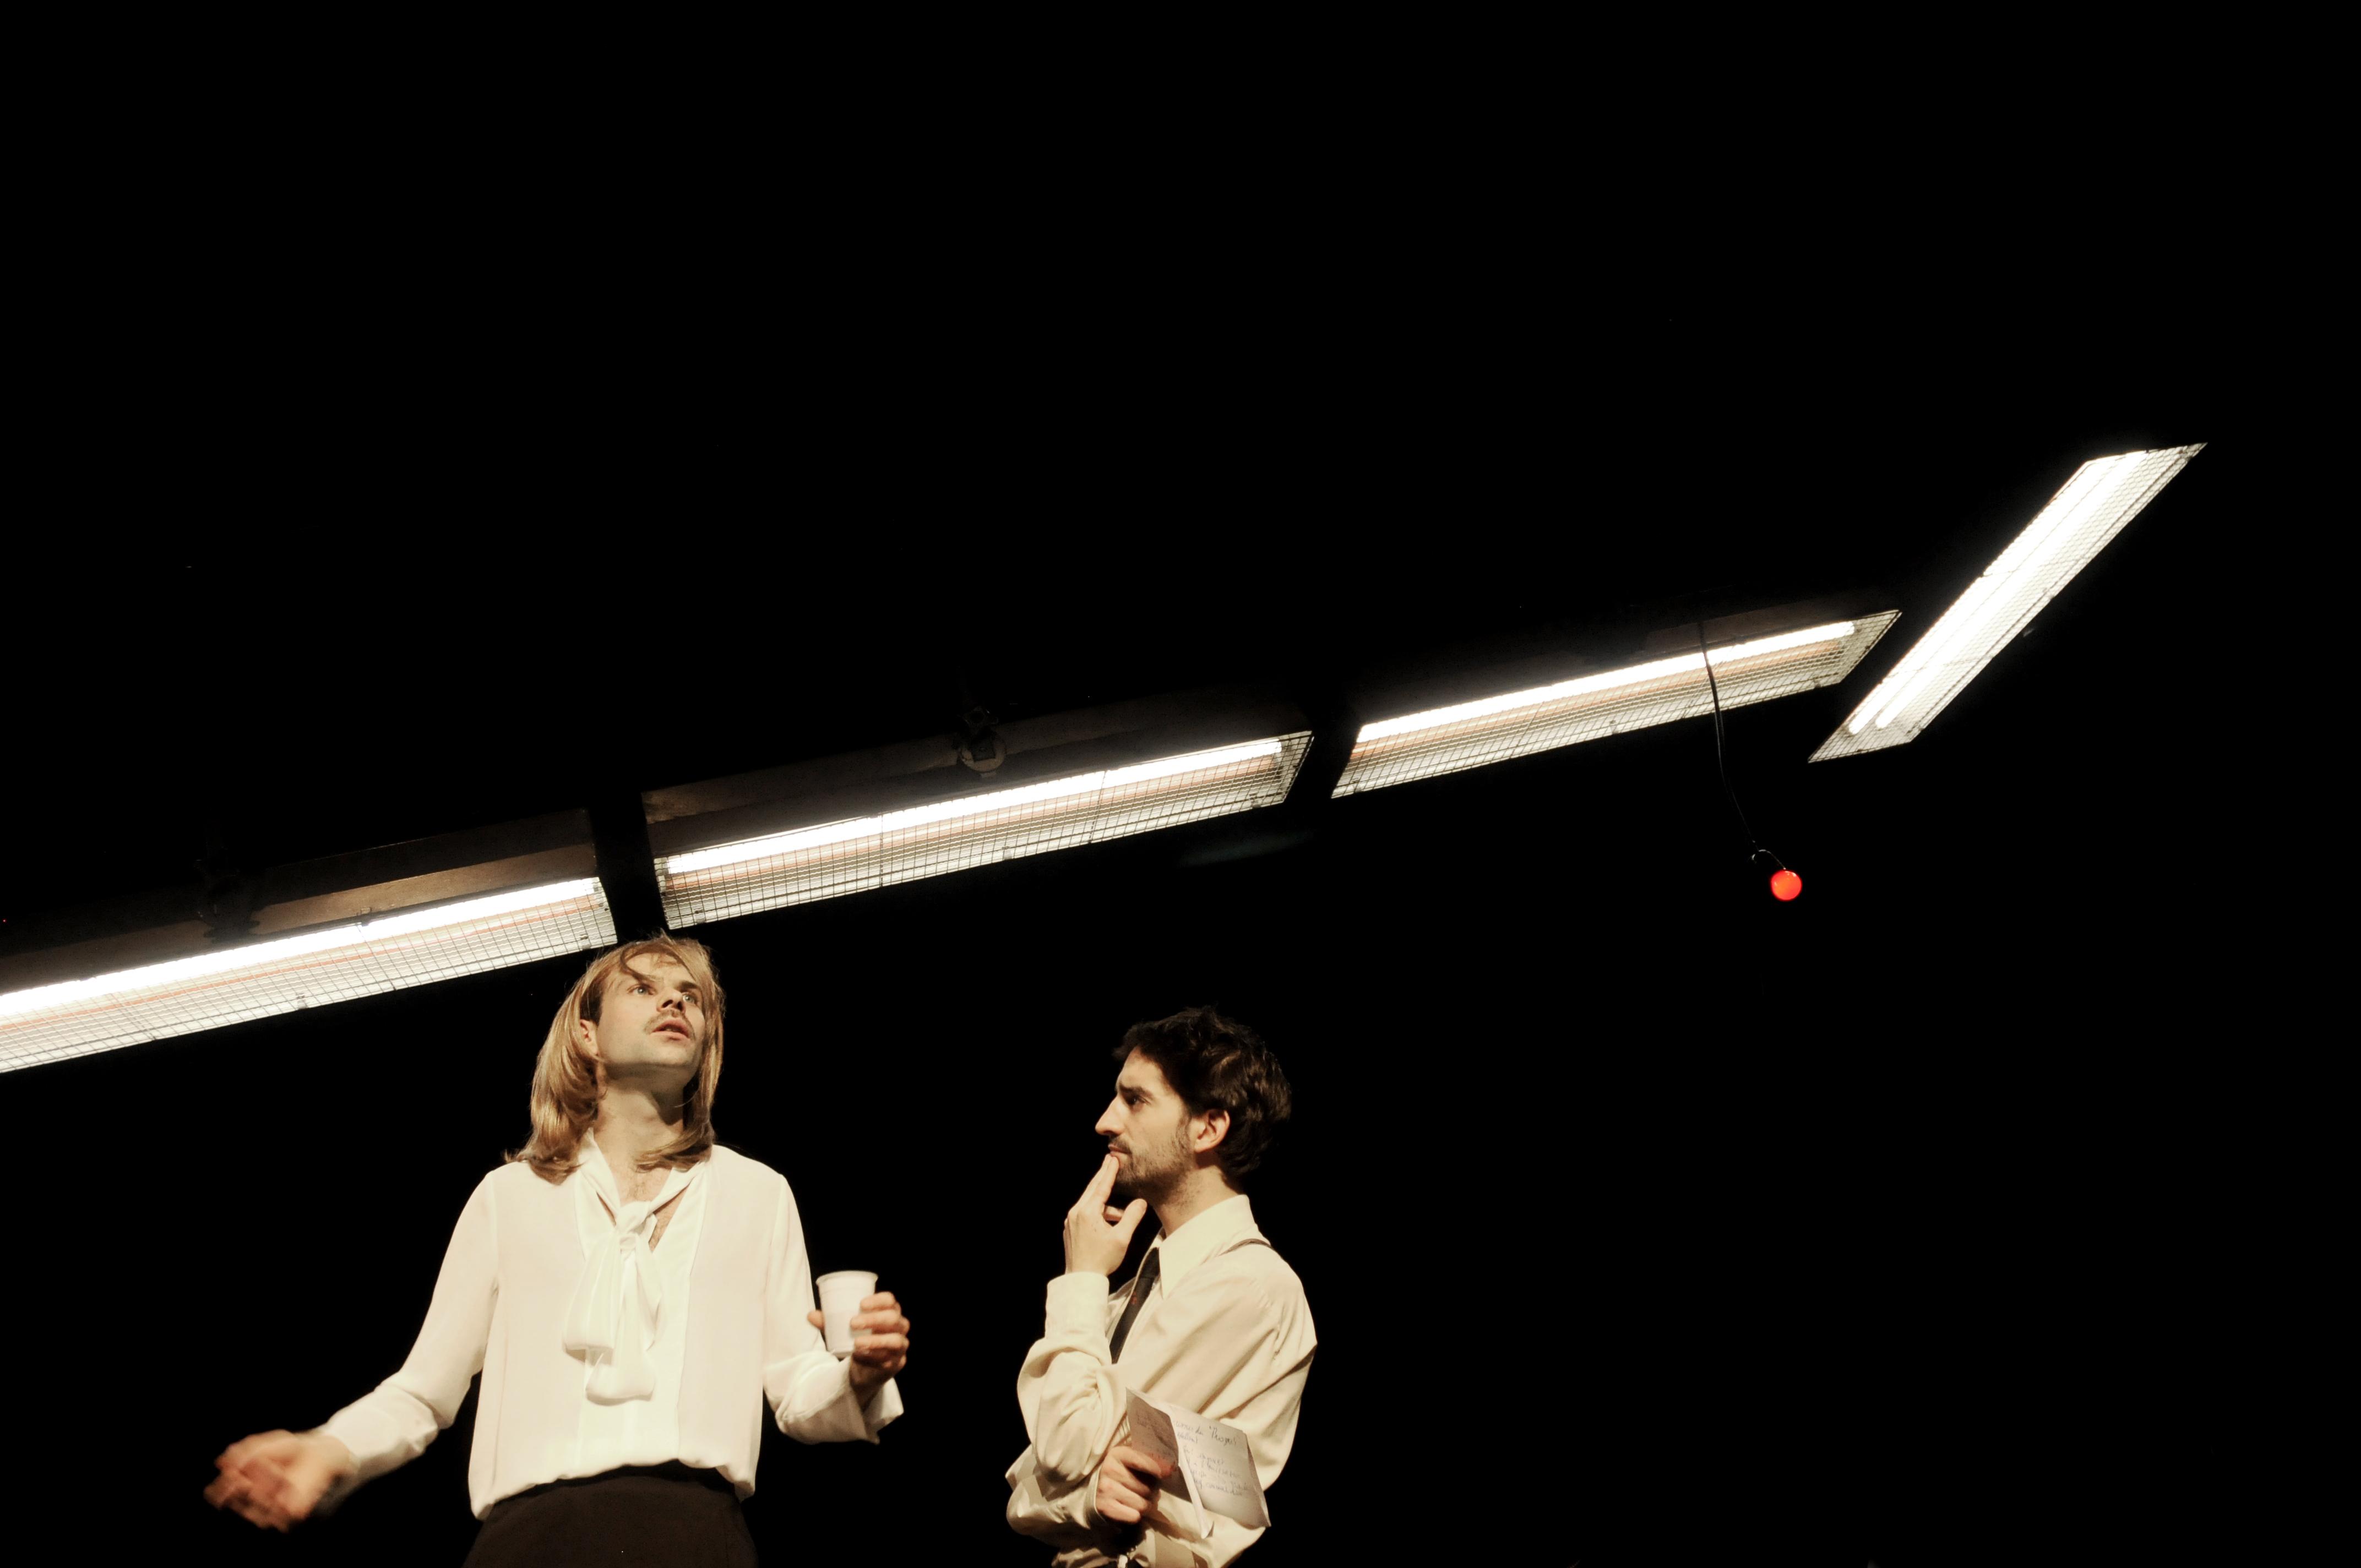 """Benoit Piret et David Murgia dans """"Rumeur et petits jours"""" du Raoul collectif. Photo © Céline Chariot."""